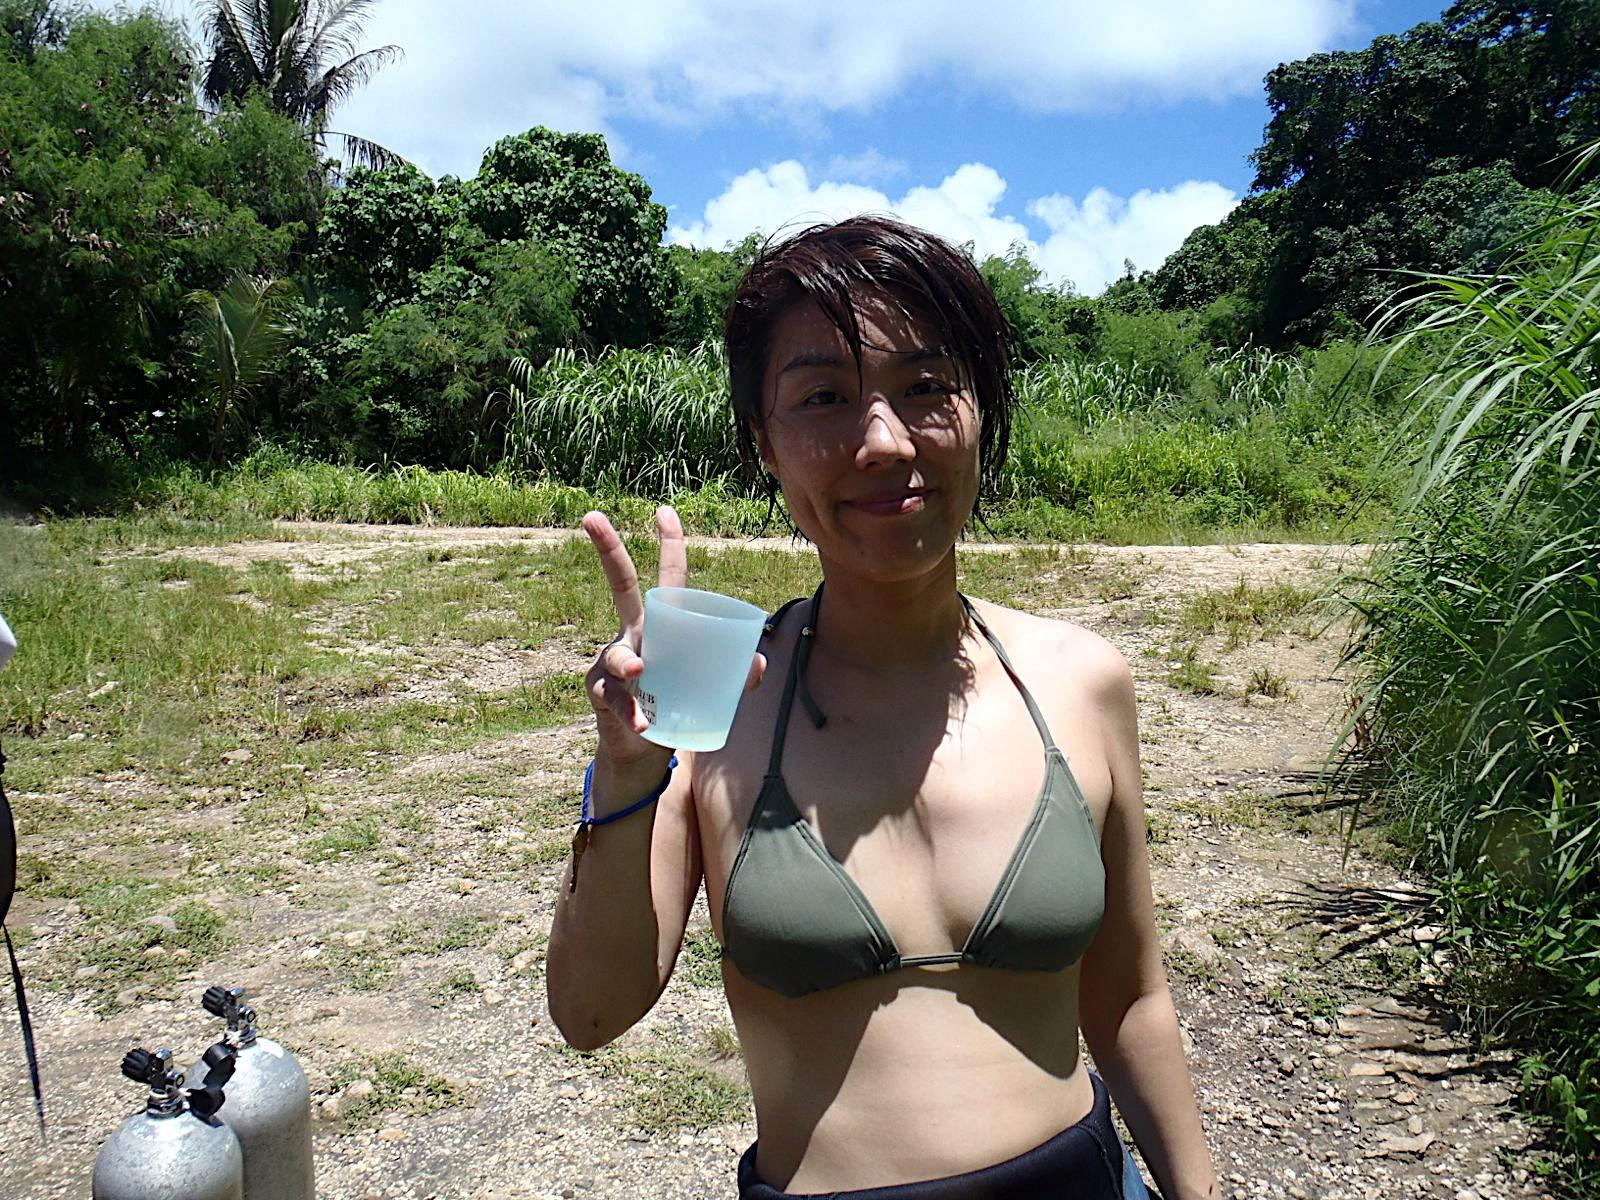 素人女性の水着 フェト☆25フェトYouTube動画>1本 ->画像>1921枚